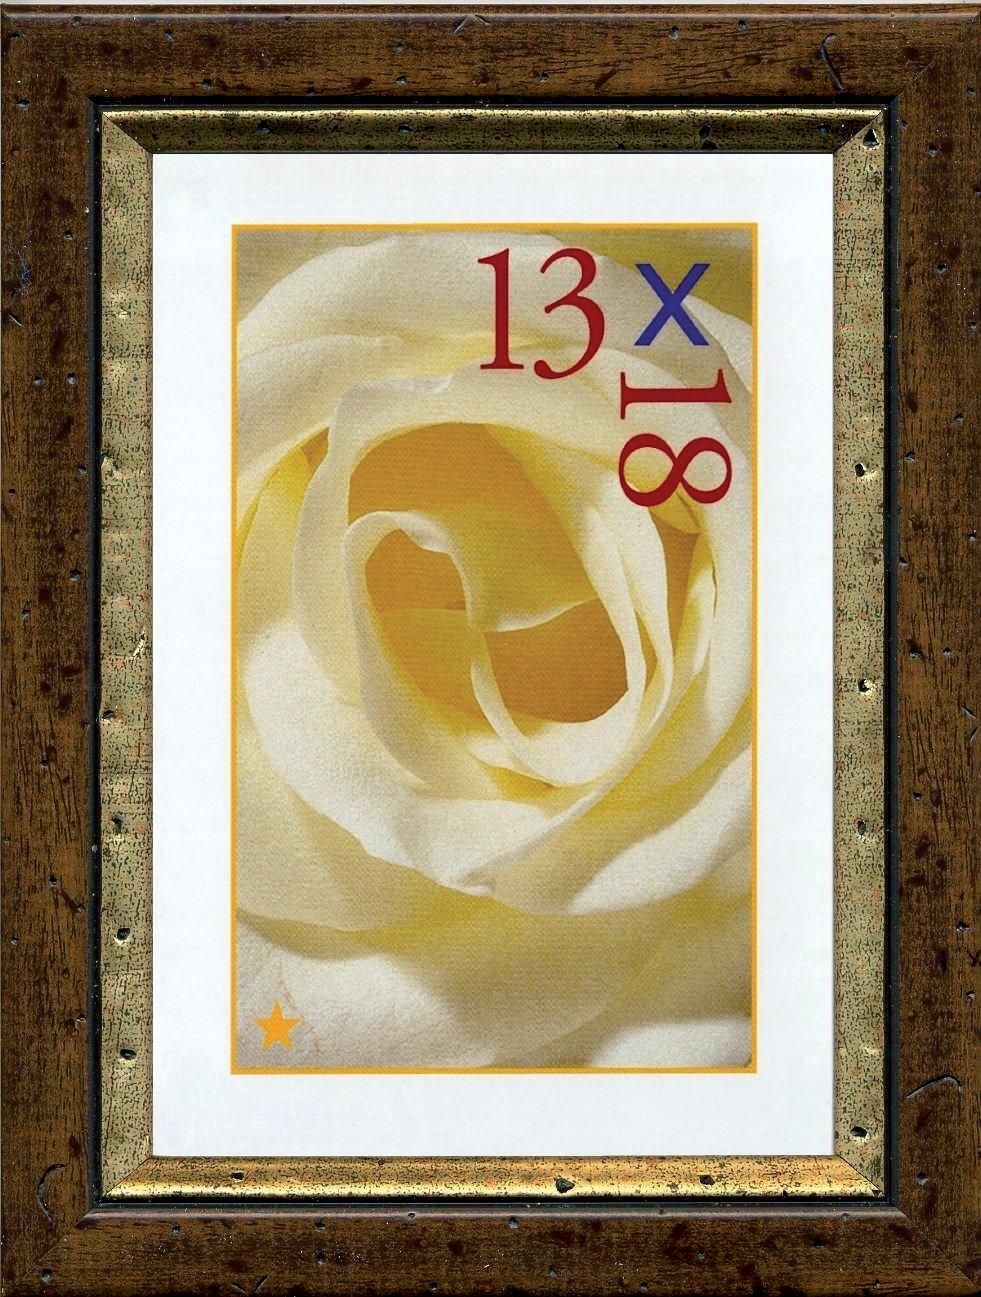 13x18 cm Cornice Portafoto COLBERT 25 mm Arte Povera in Legno Noce con filo Oro